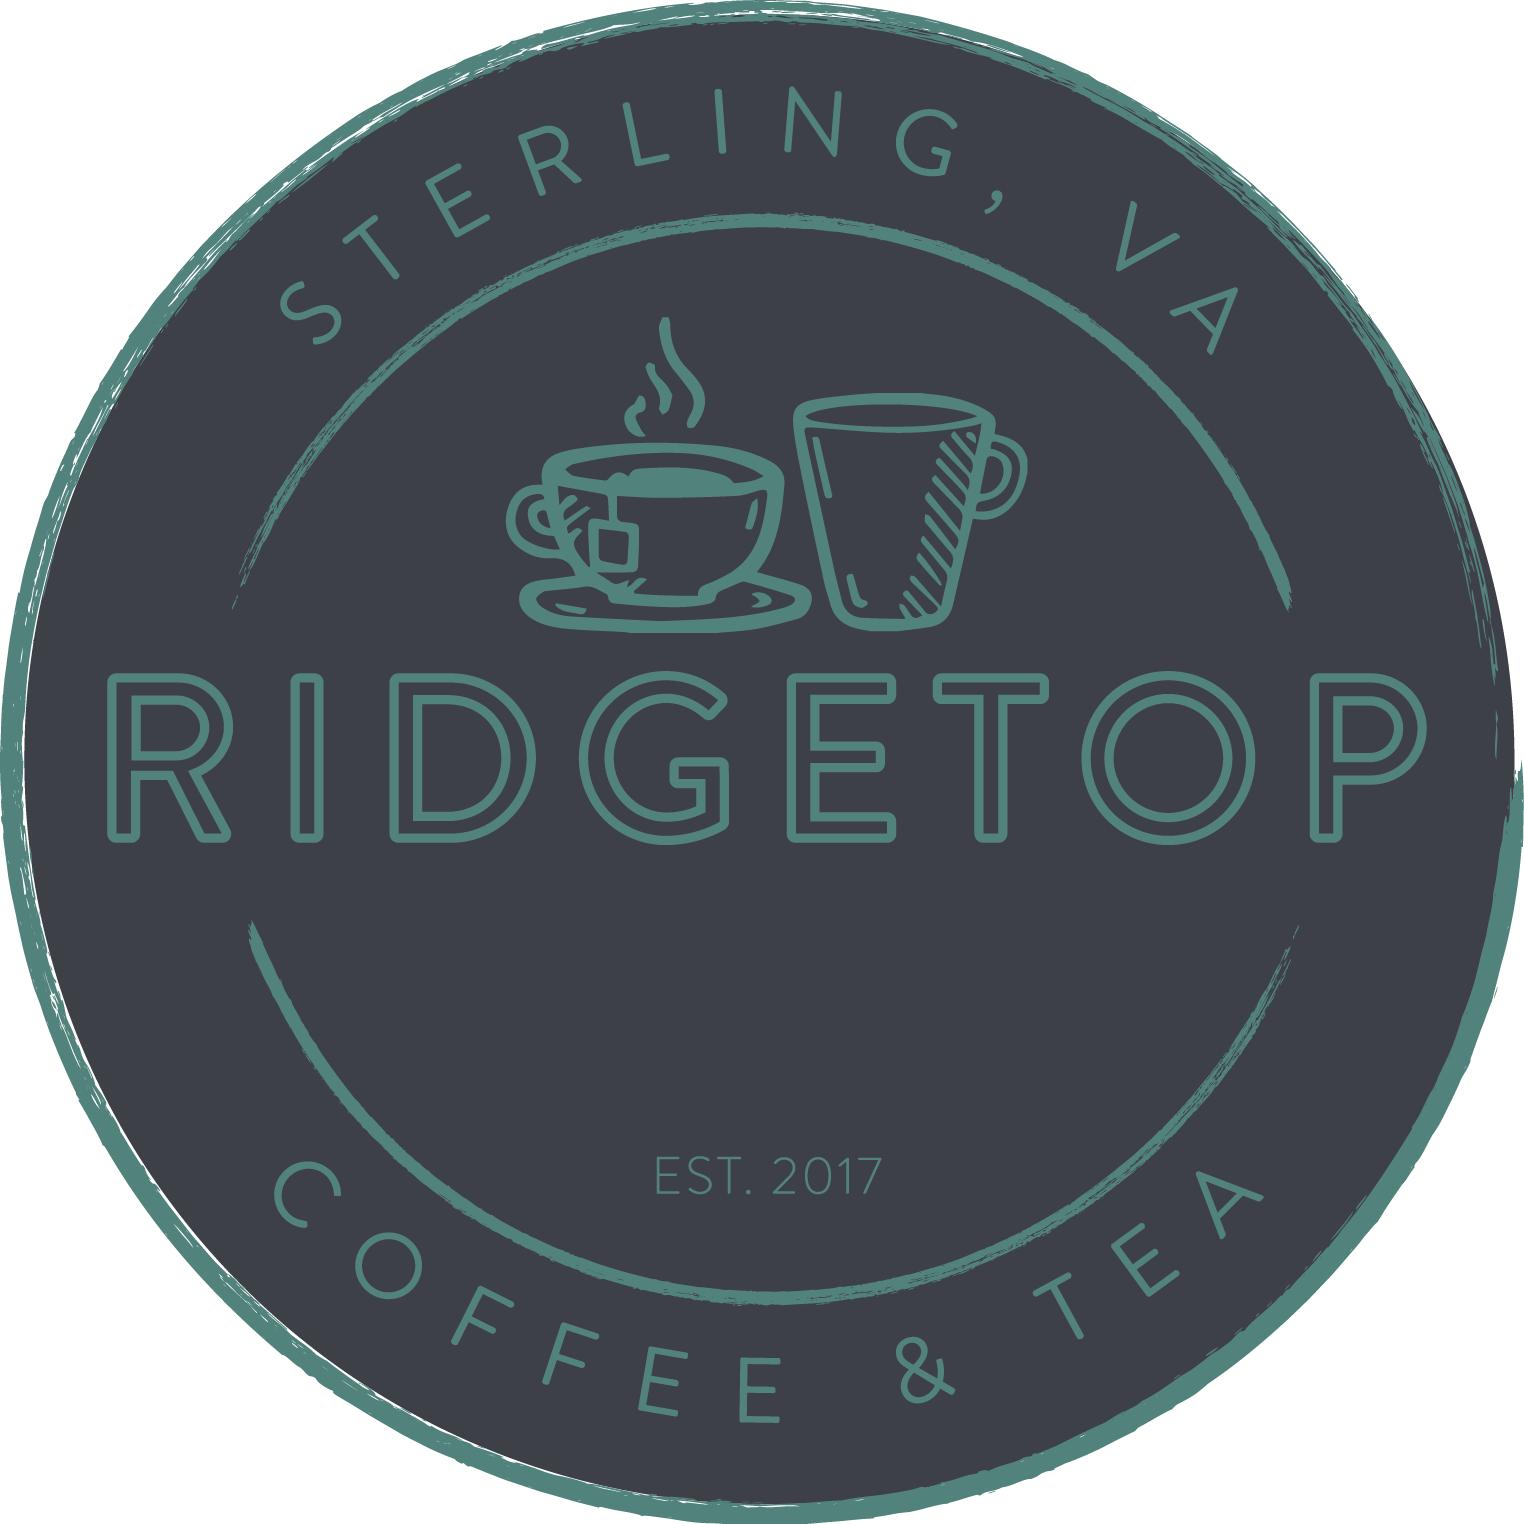 Ridgetop Coffee & Tea